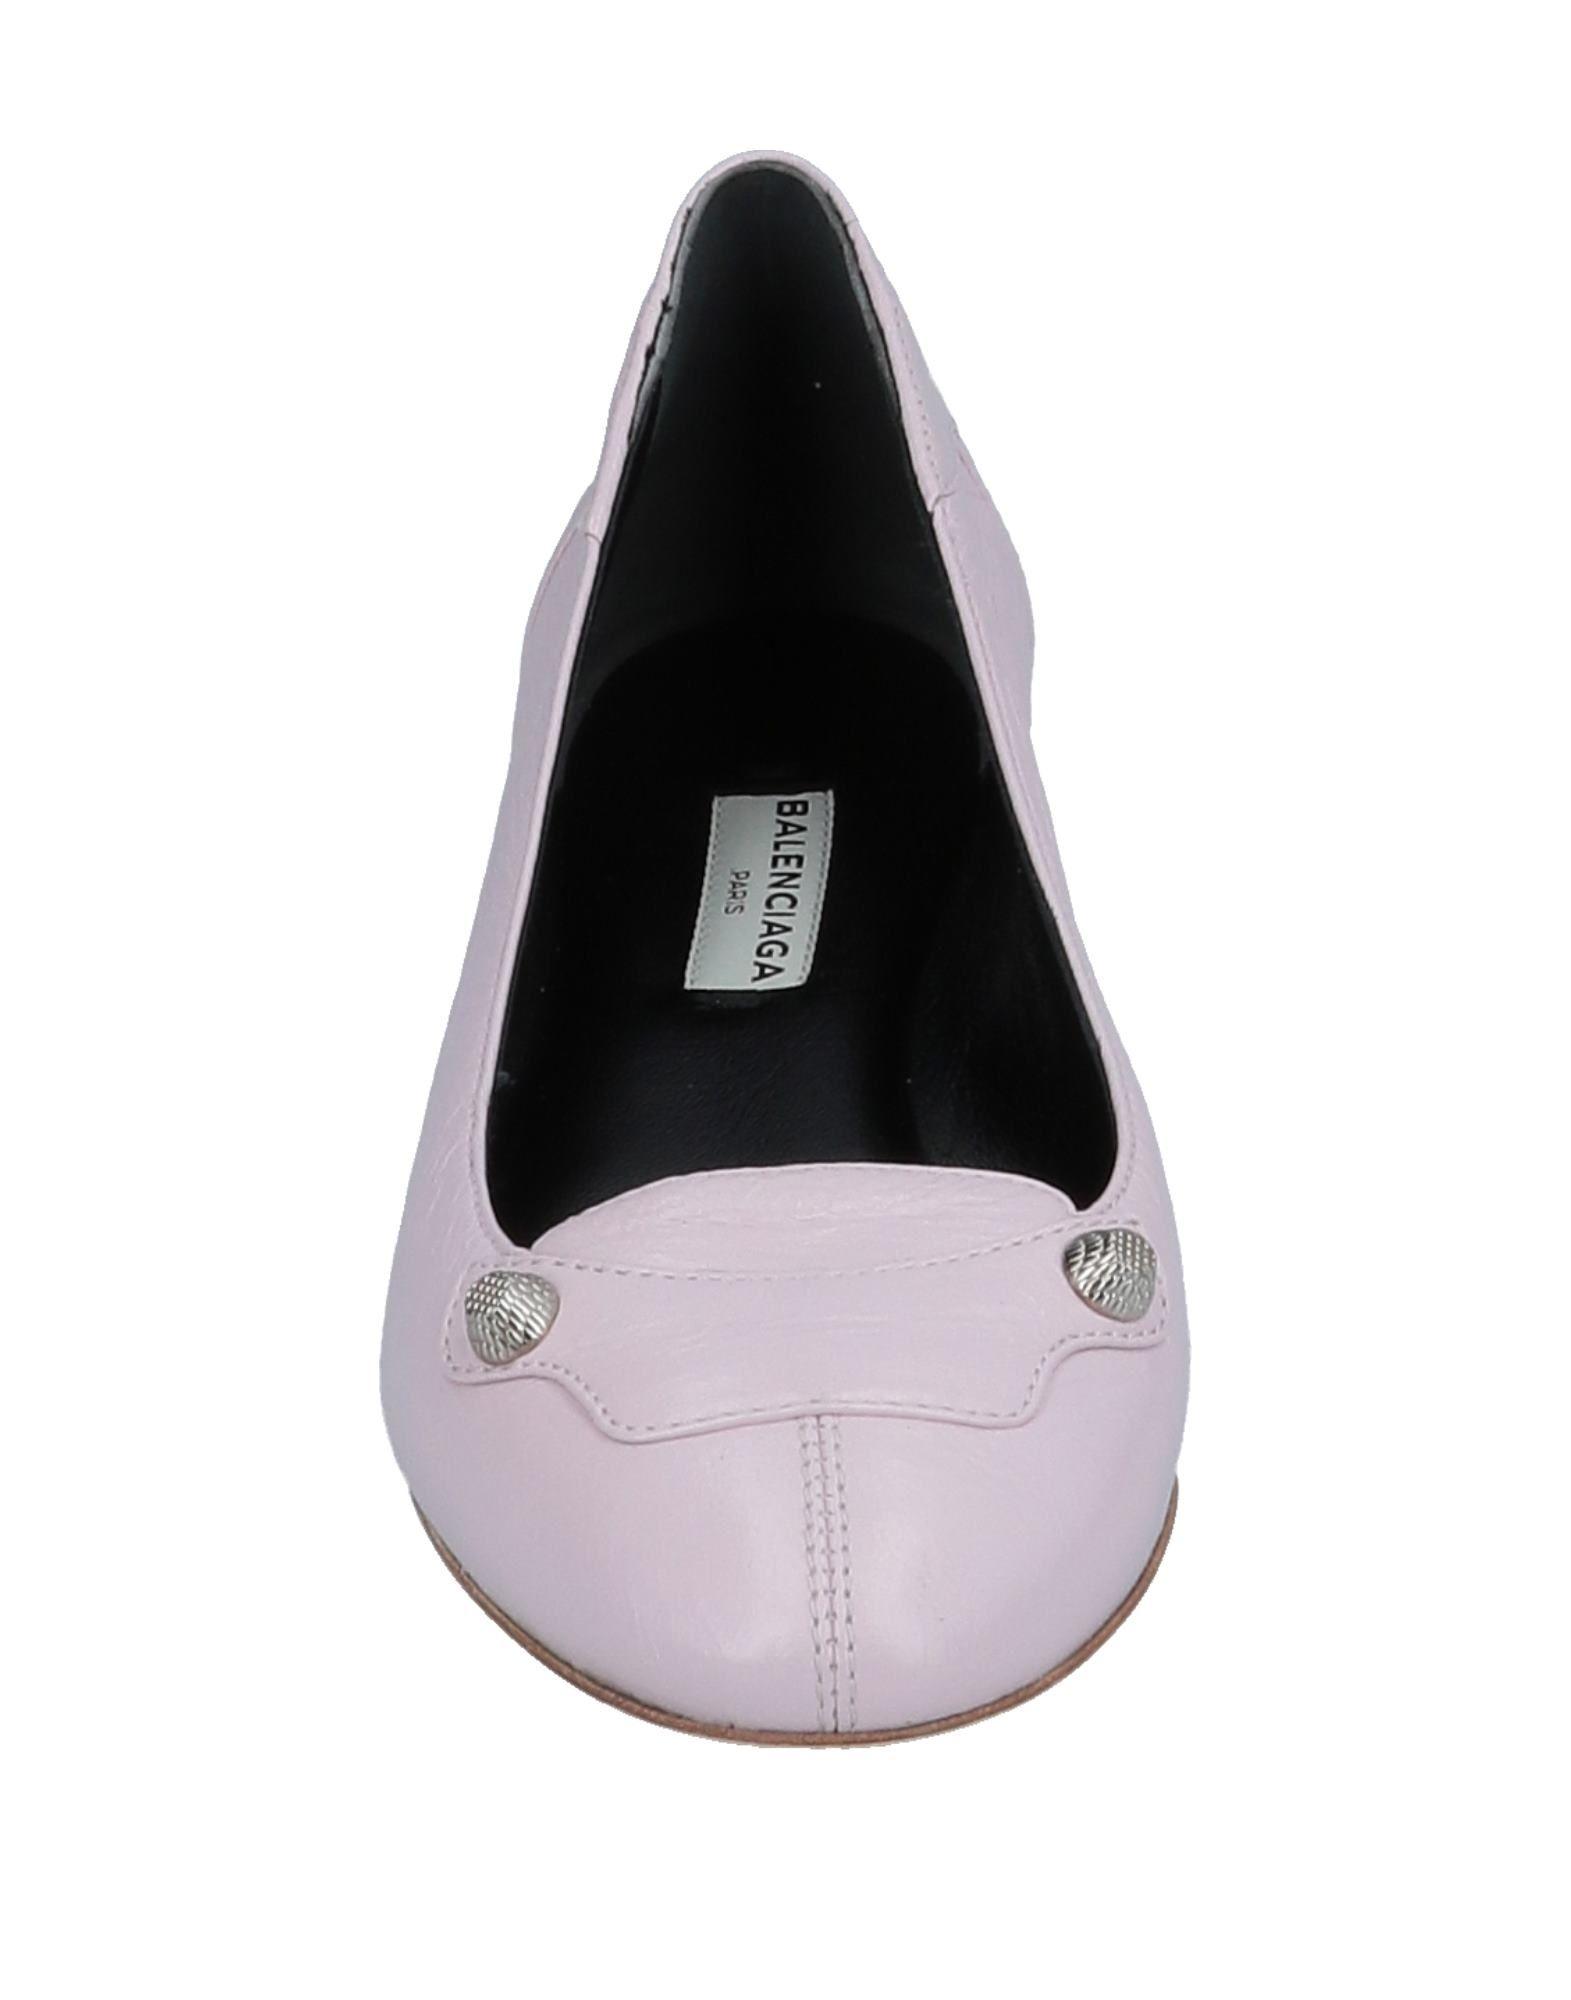 Balenciaga Mokassins Damen Gutes Preis-Leistungs-Verhältnis, es es Preis-Leistungs-Verhältnis, lohnt sich 8c18e4